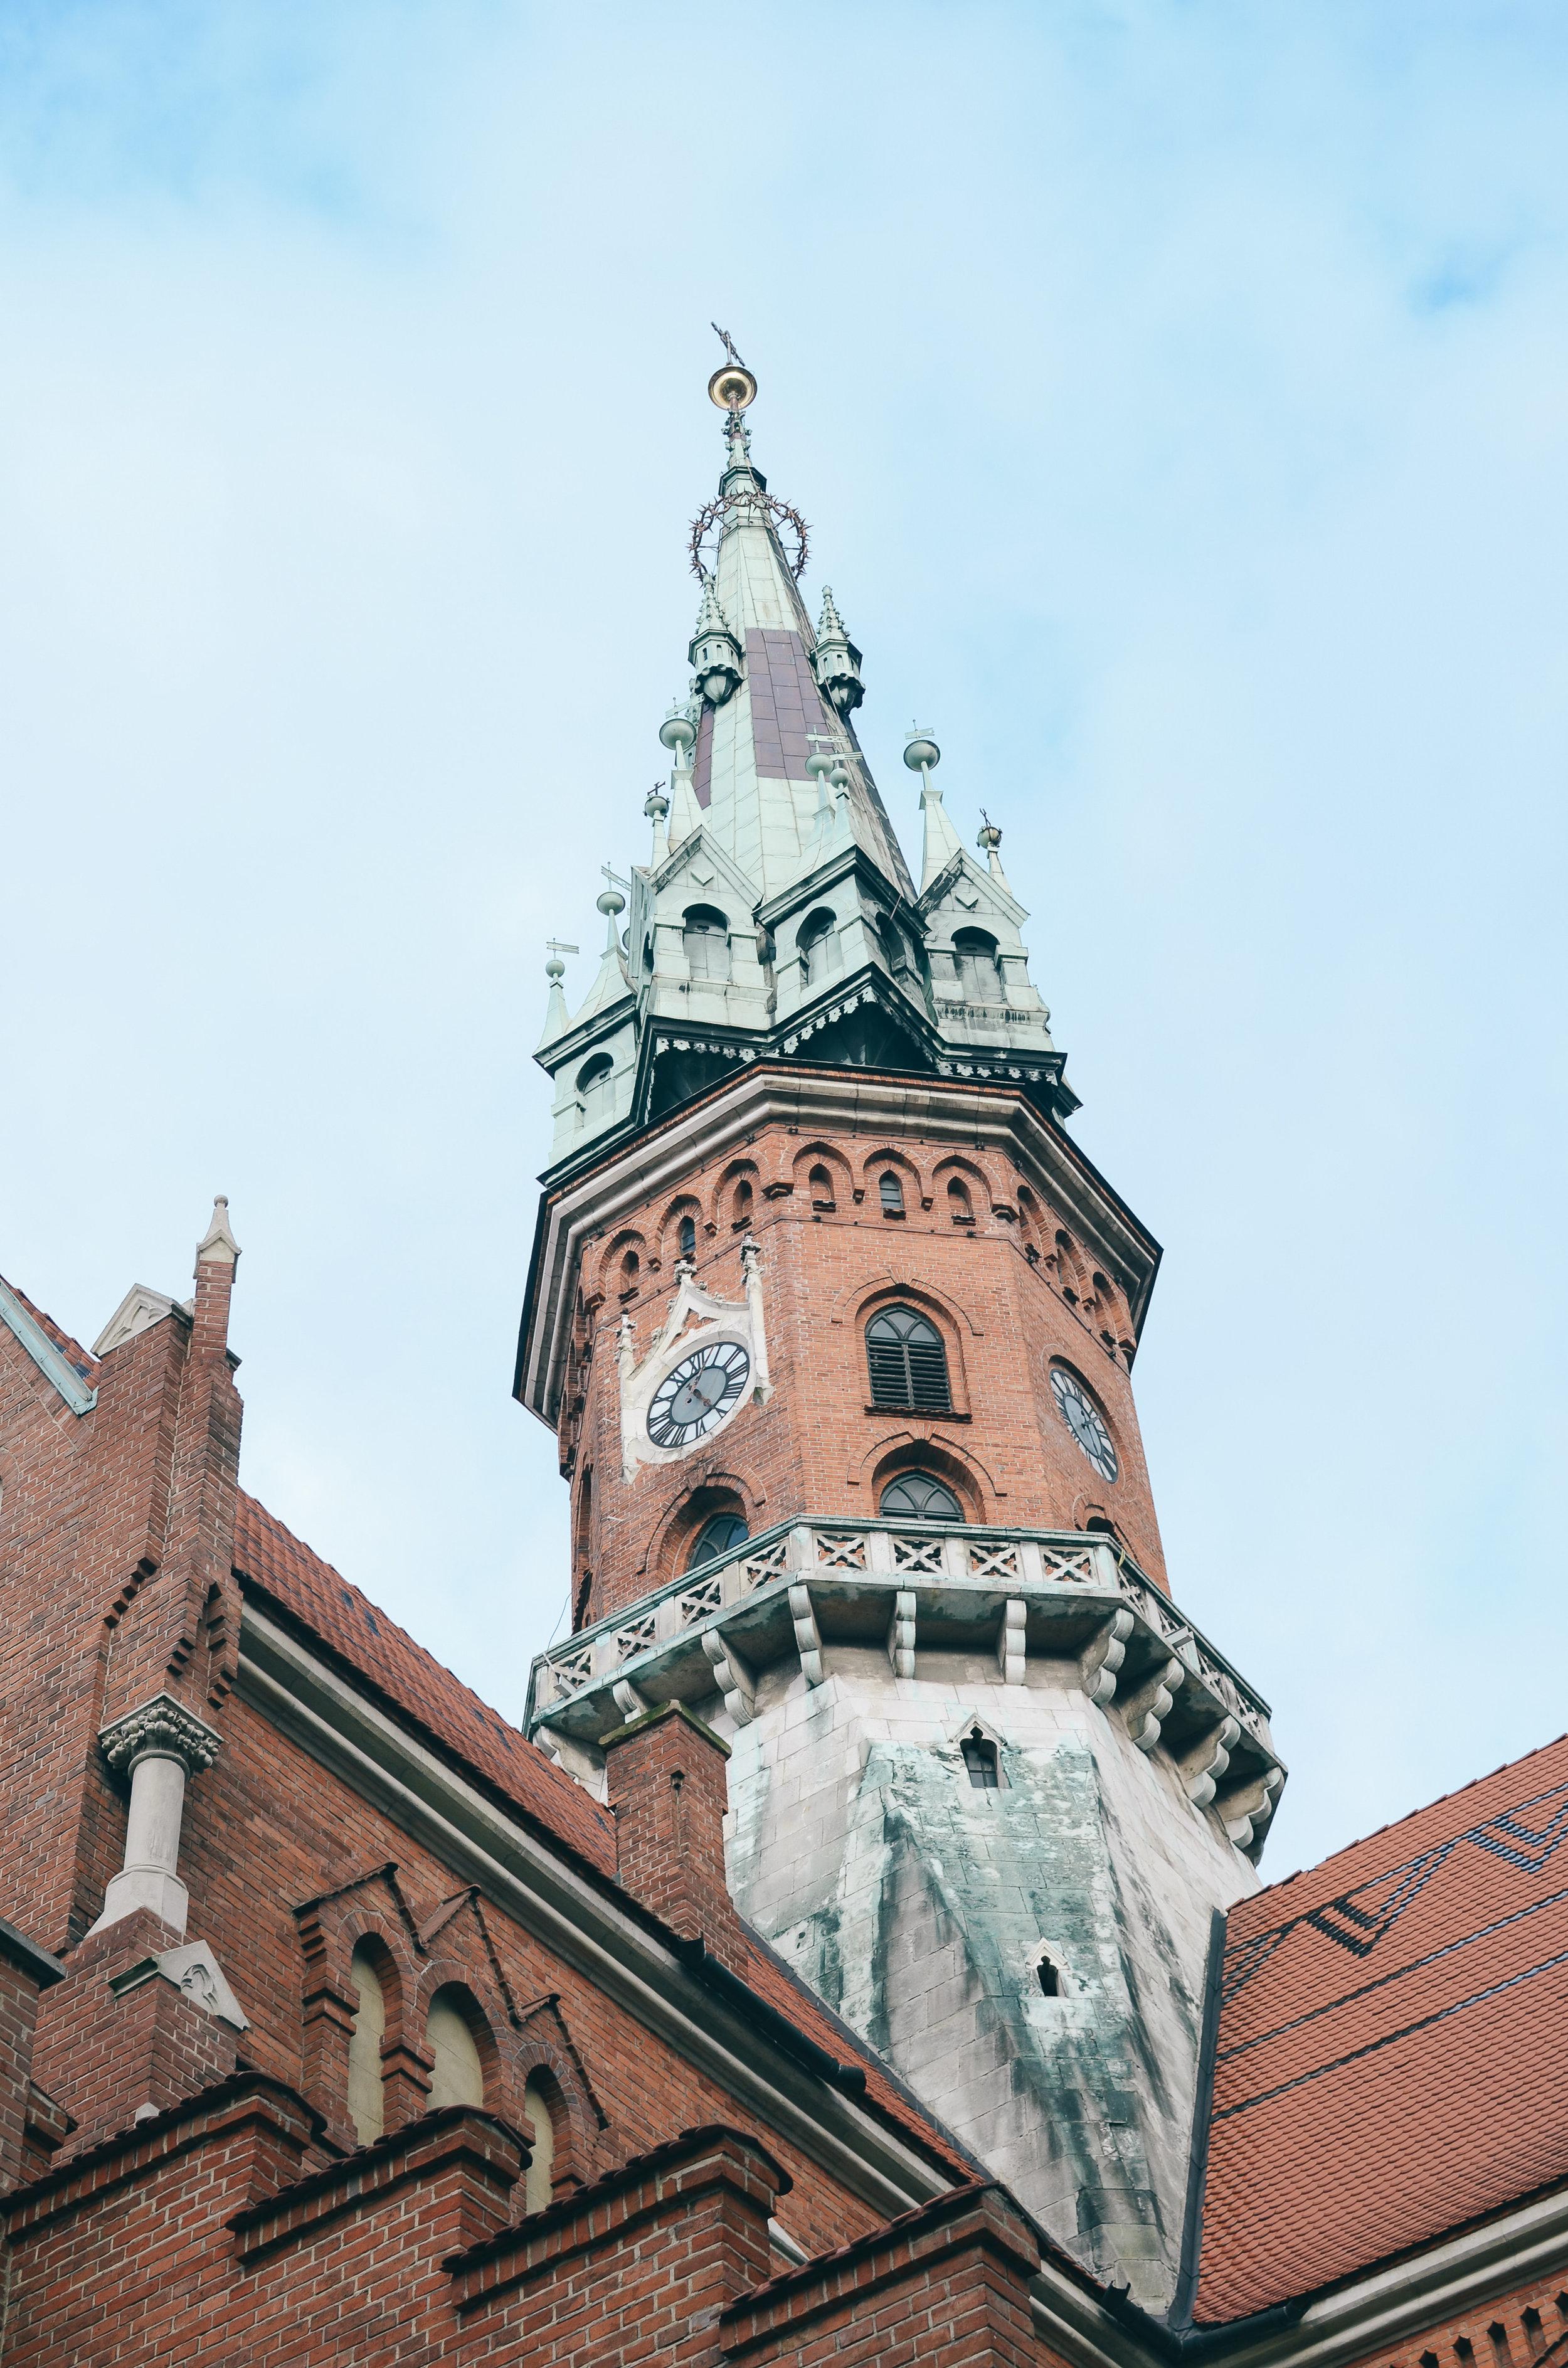 krakow-poland-travel-guide-lifeonpin_DSC_1148.jpg